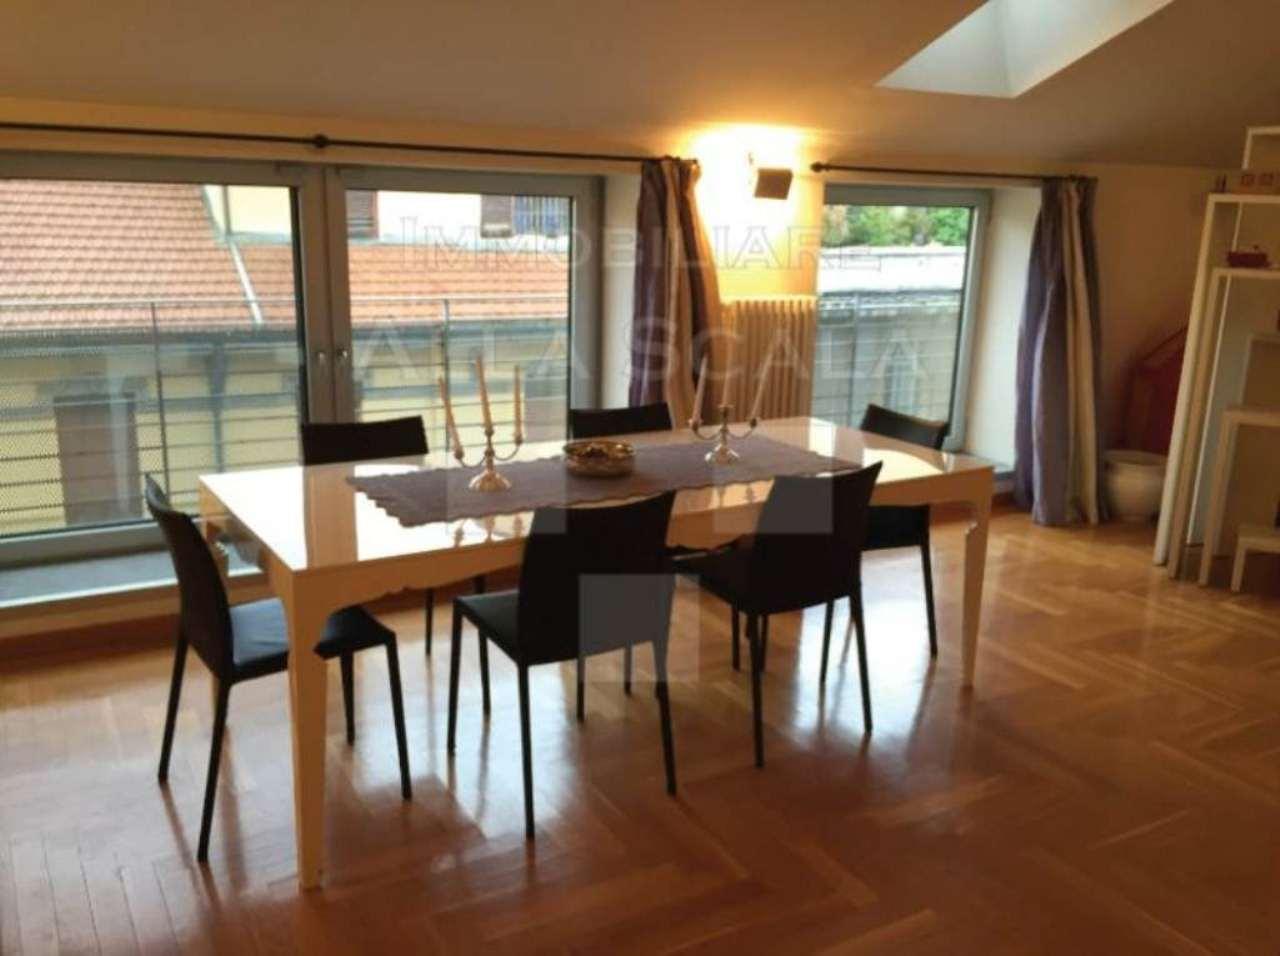 Appartamento in affitto a Milano, 5 locali, zona Zona: 1 . Centro Storico, Duomo, Brera, Cadorna, Cattolica, prezzo € 2.830 | CambioCasa.it